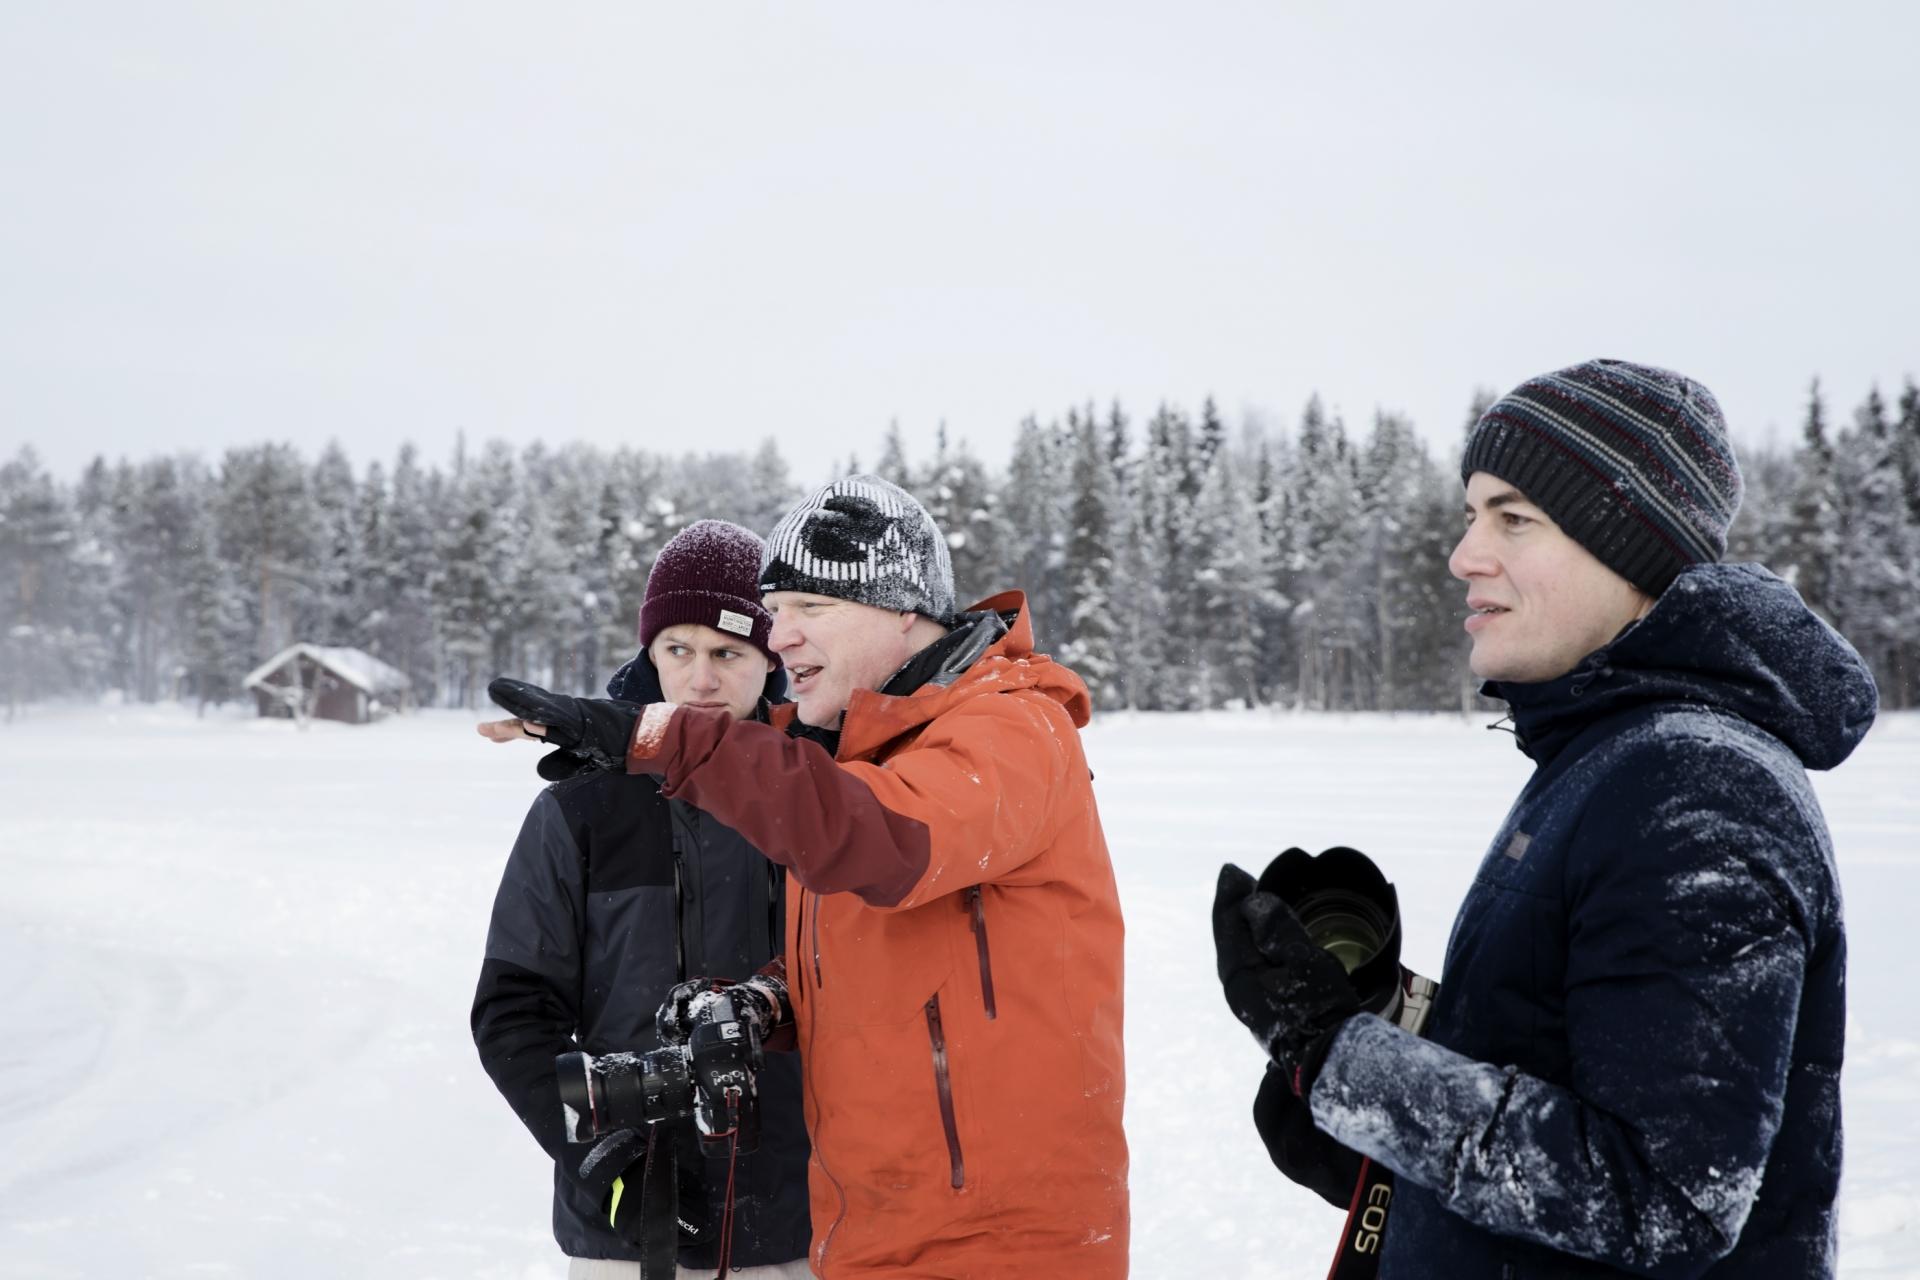 Richard Walch, Winter, Fotografie, Schnee